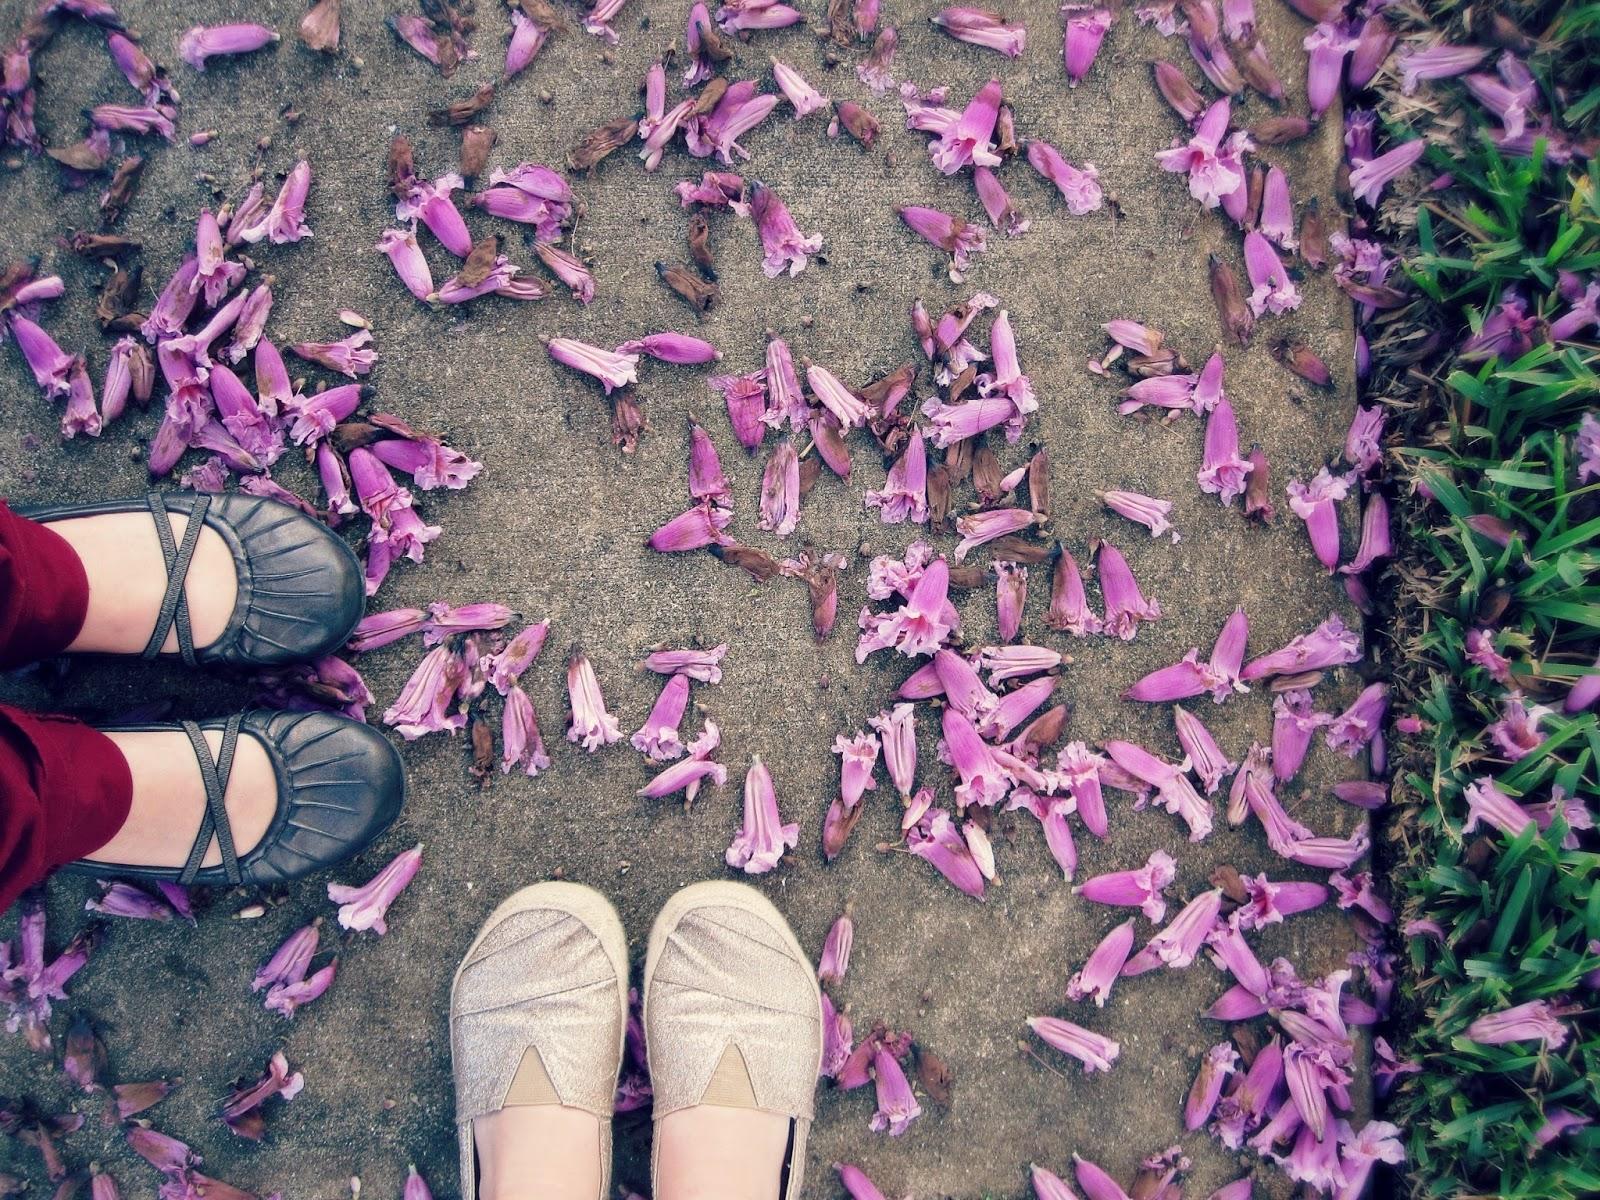 Spring Break In Florida, purple flowers, sorrow